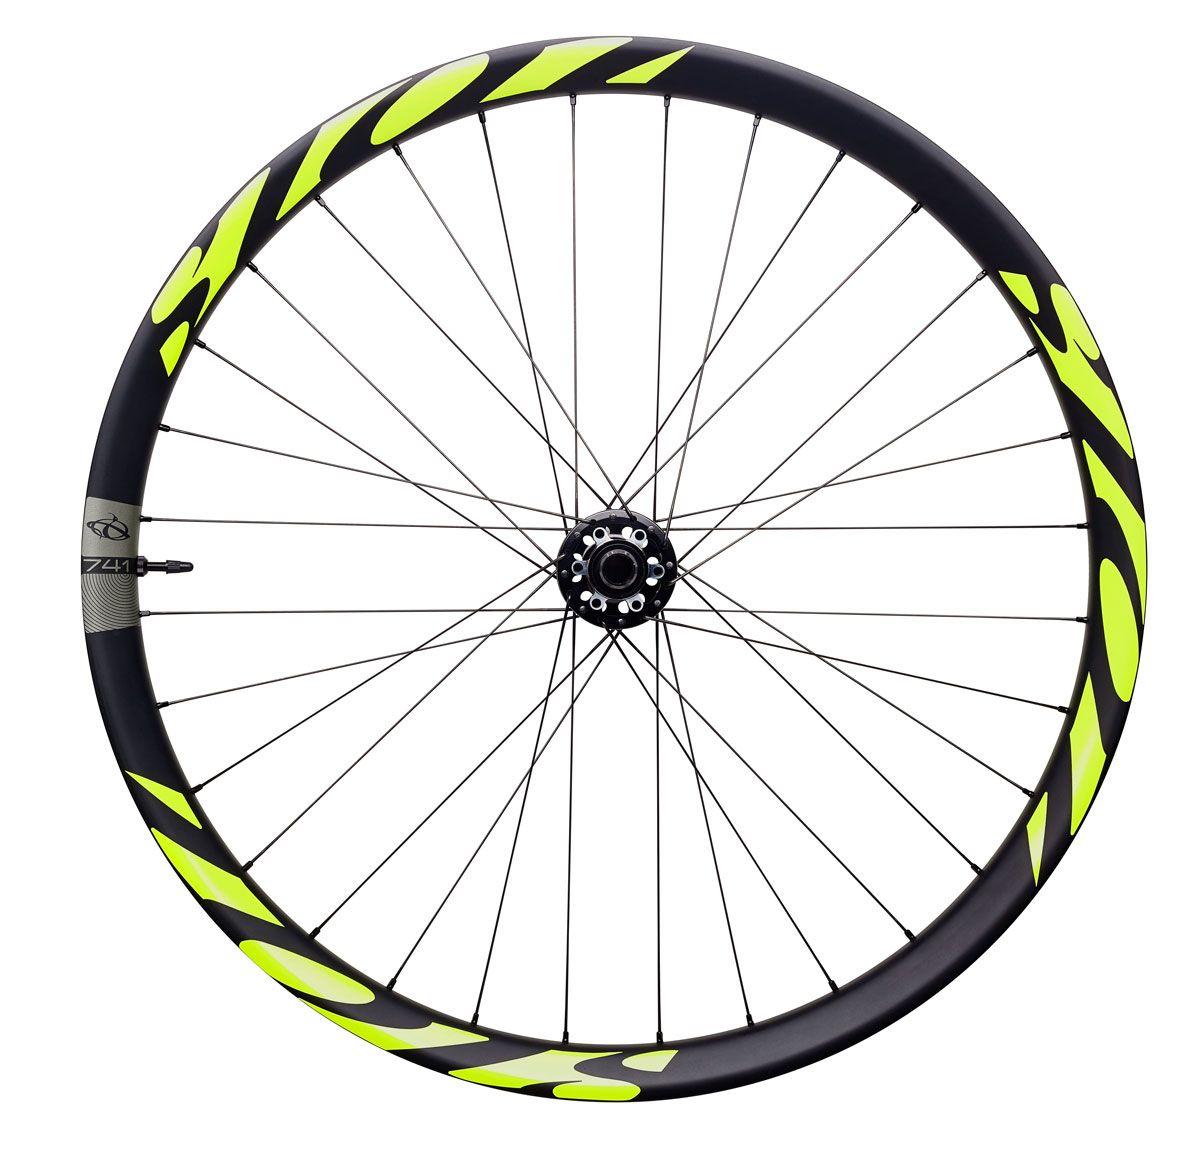 Road Bike Wheel Graphics Google Search Road Bike Wheels Bike Kit Road Bike